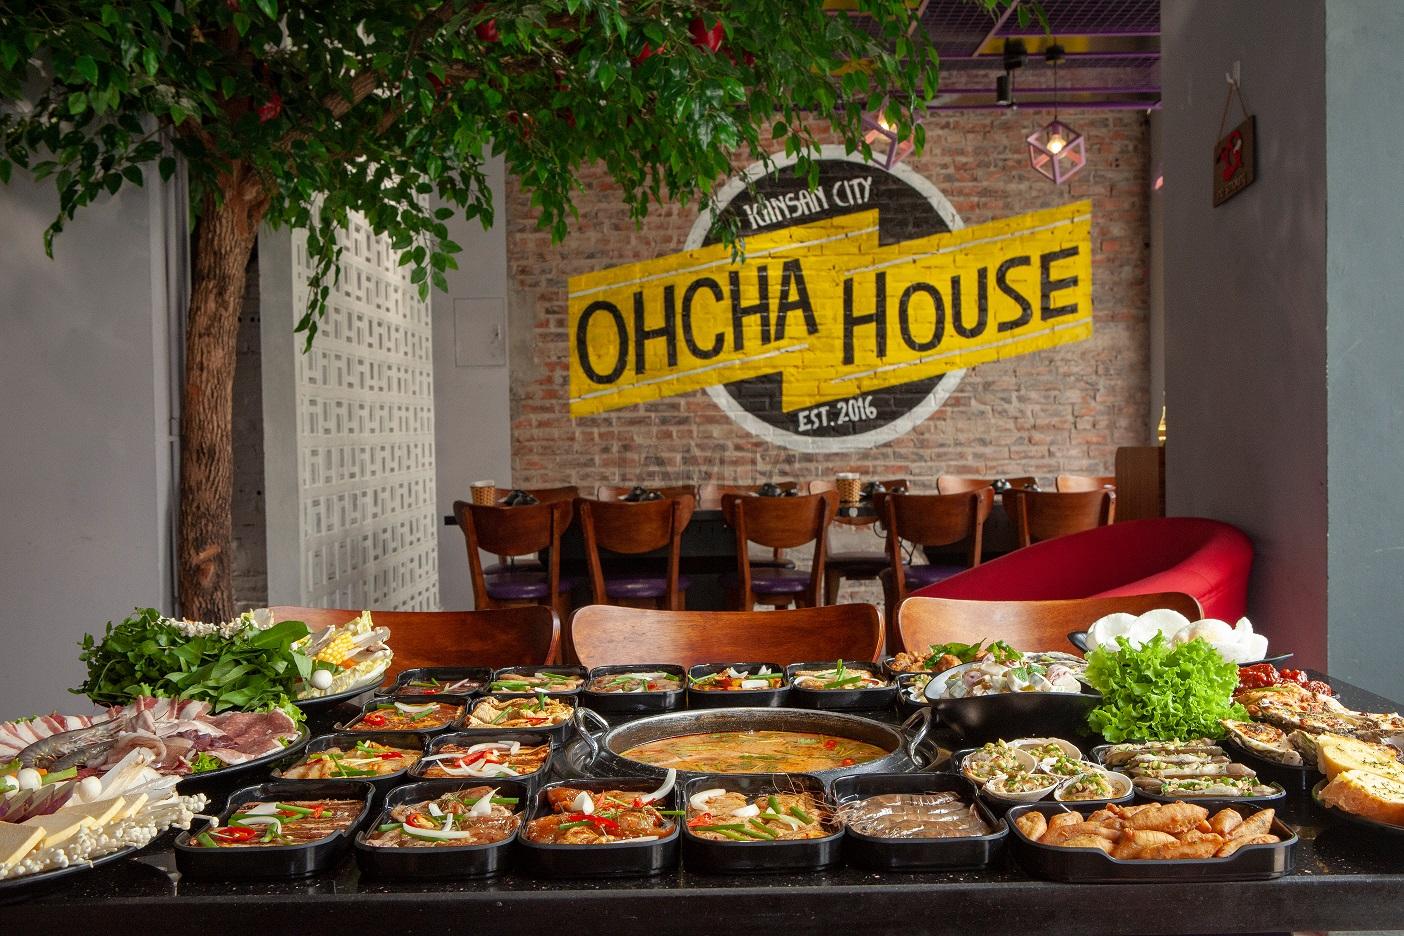 Đôi nét về nhà hàng OHCHA 1